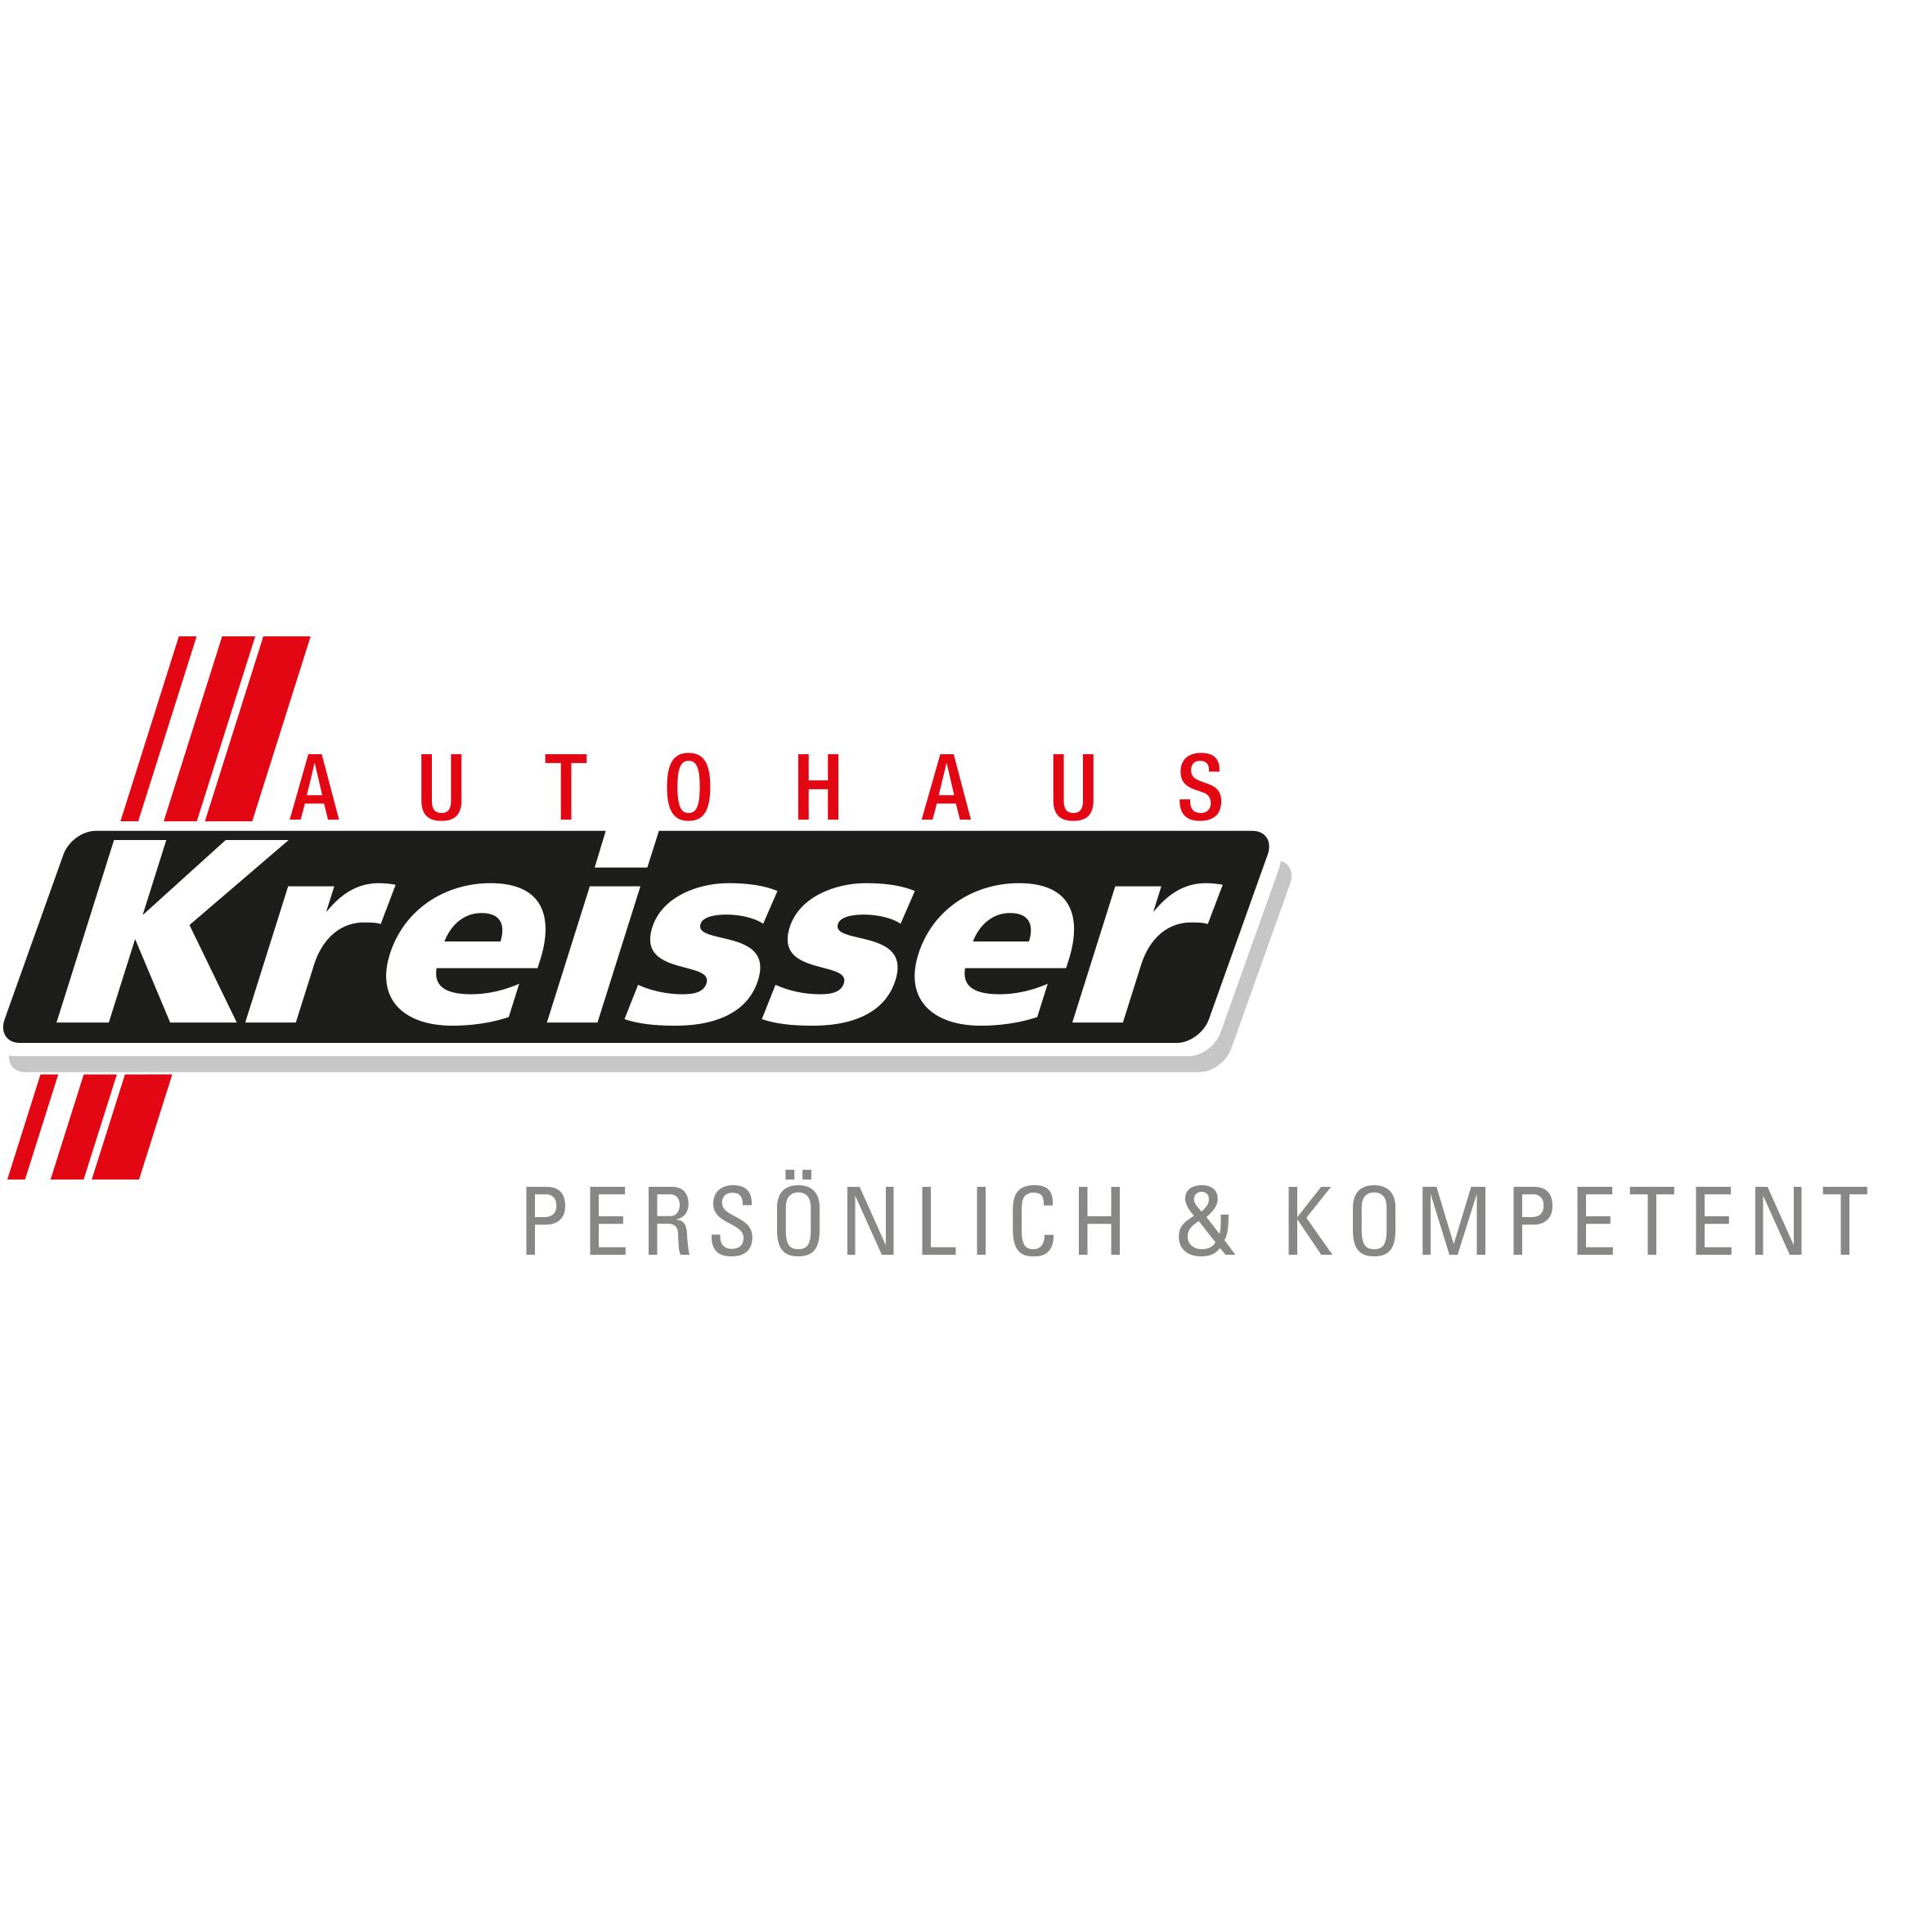 Bild zu Autohaus Kreisser GmbH & Co. KG in Ulm an der Donau